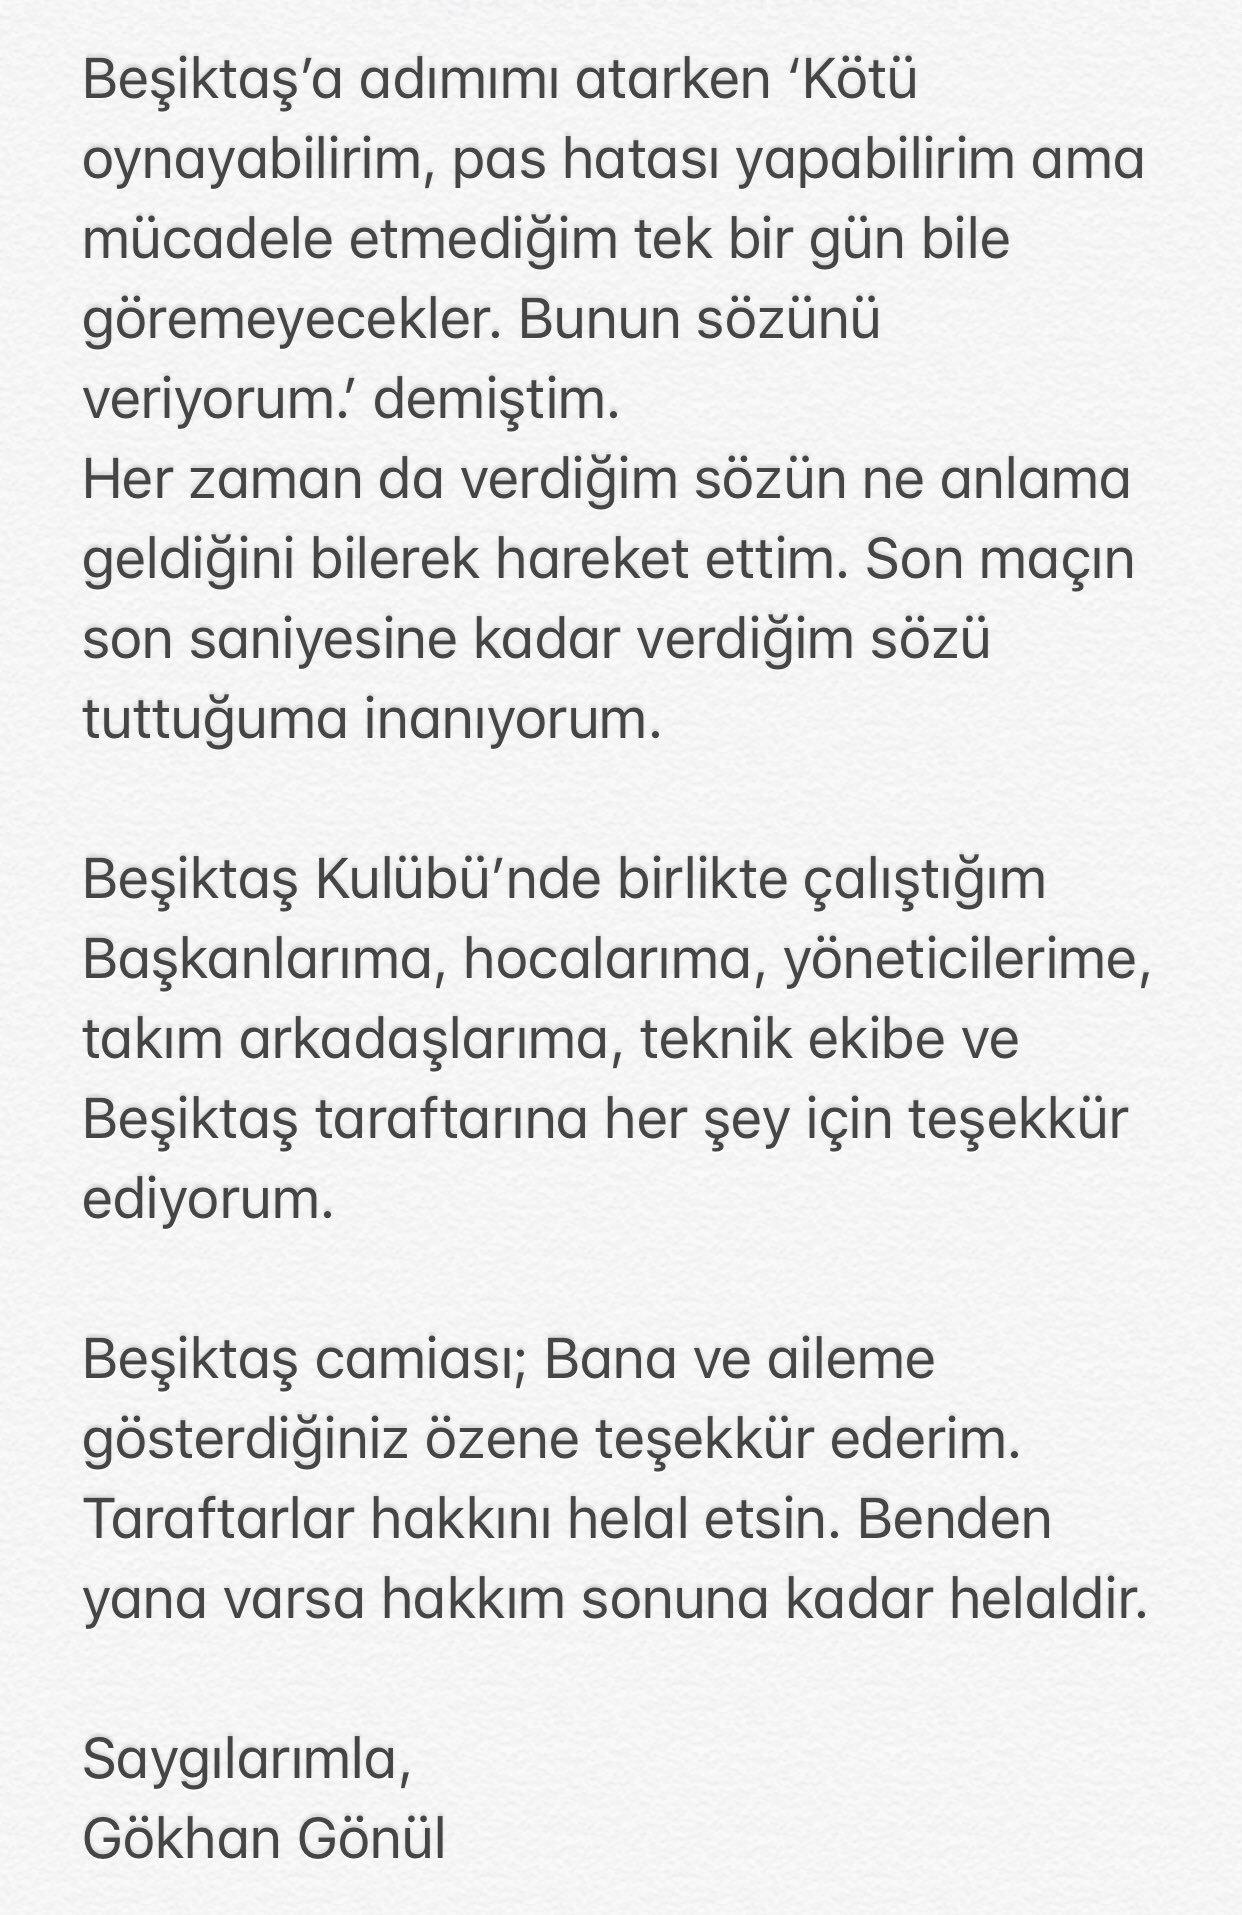 son dakika gokhan gonul besiktasa veda etti 1596716058281 - Son dakika: Gökhan Gönül Beşiktaş'a veda etti